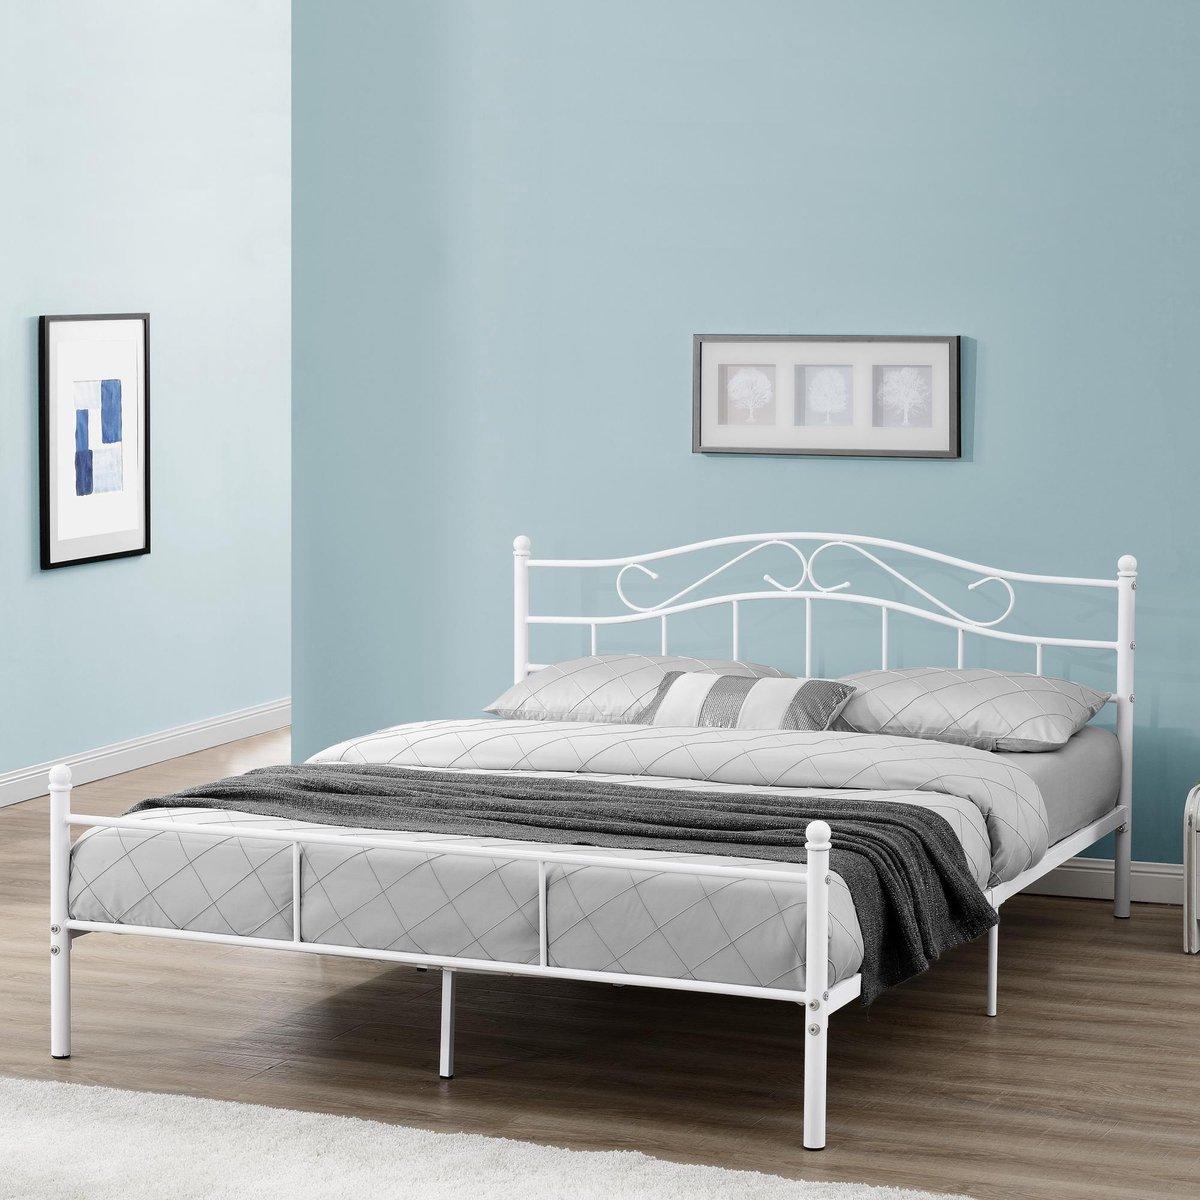 Metalen bed twijfelaar Florenz incl. bedbodem 140x200 wit - en.casa